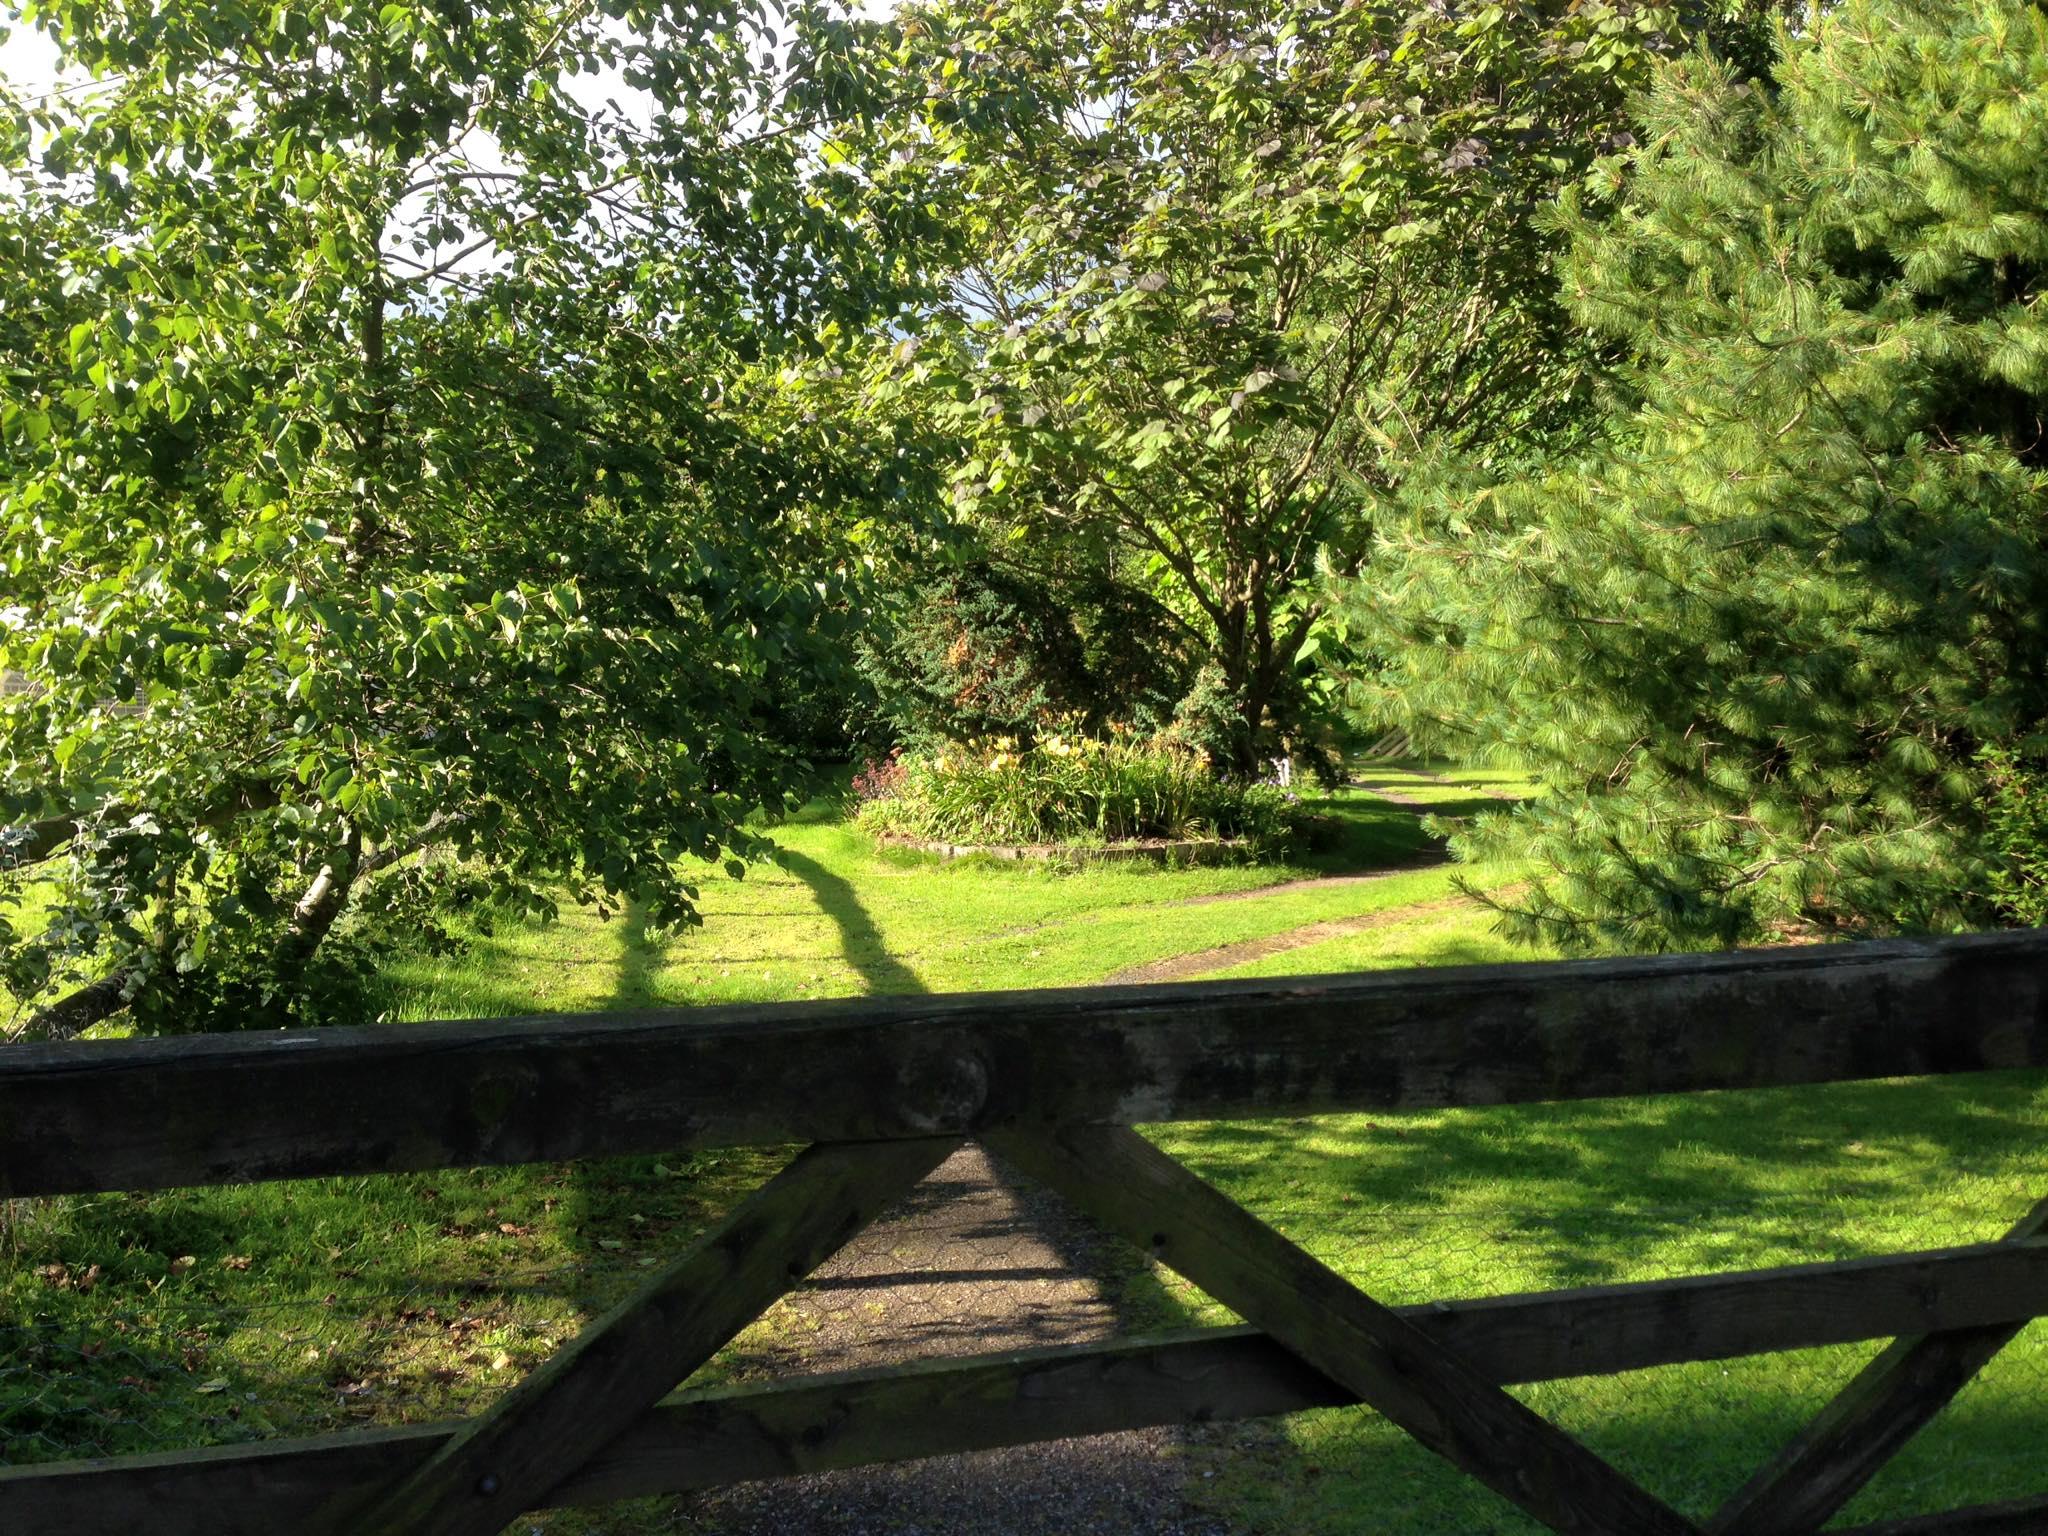 entrance to tea room garden area